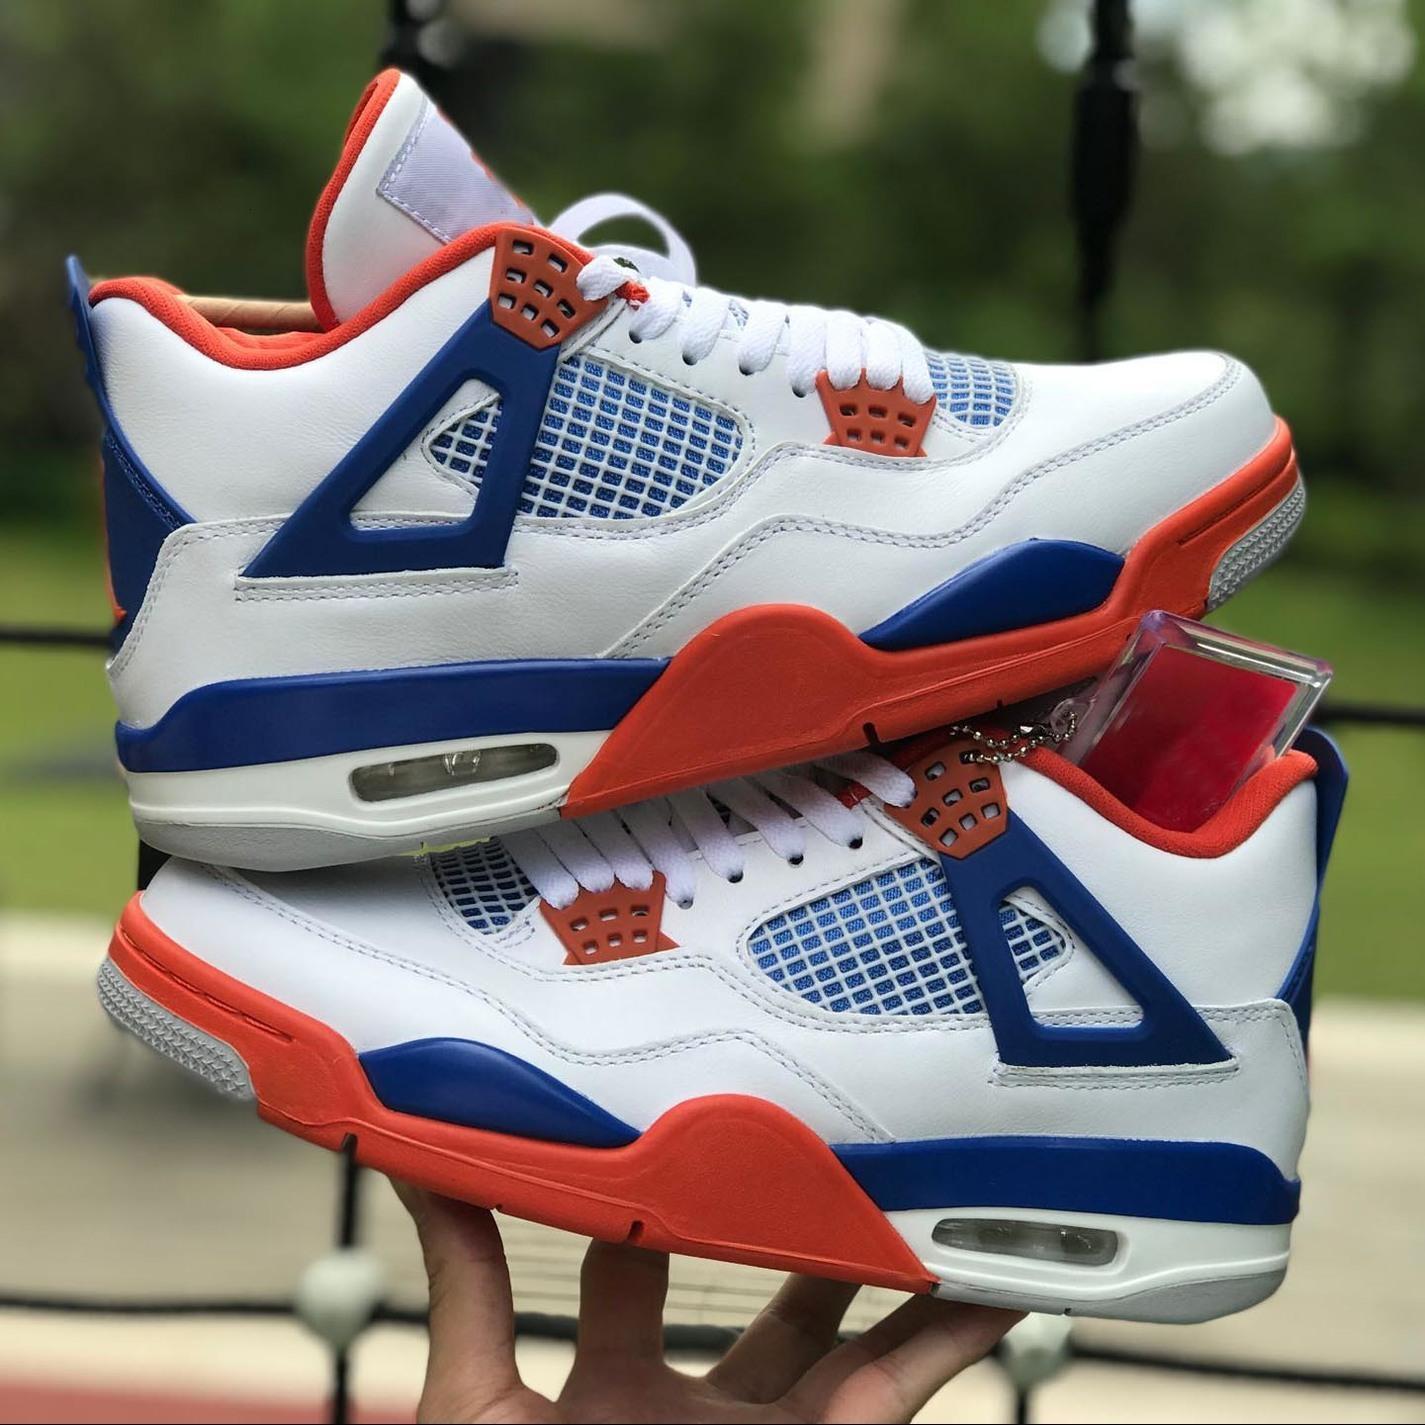 Новые 4 4s белые синие красные баскетбольные туфли мужские наружные тренажеры спортивные кроссовки размер нас 7-13